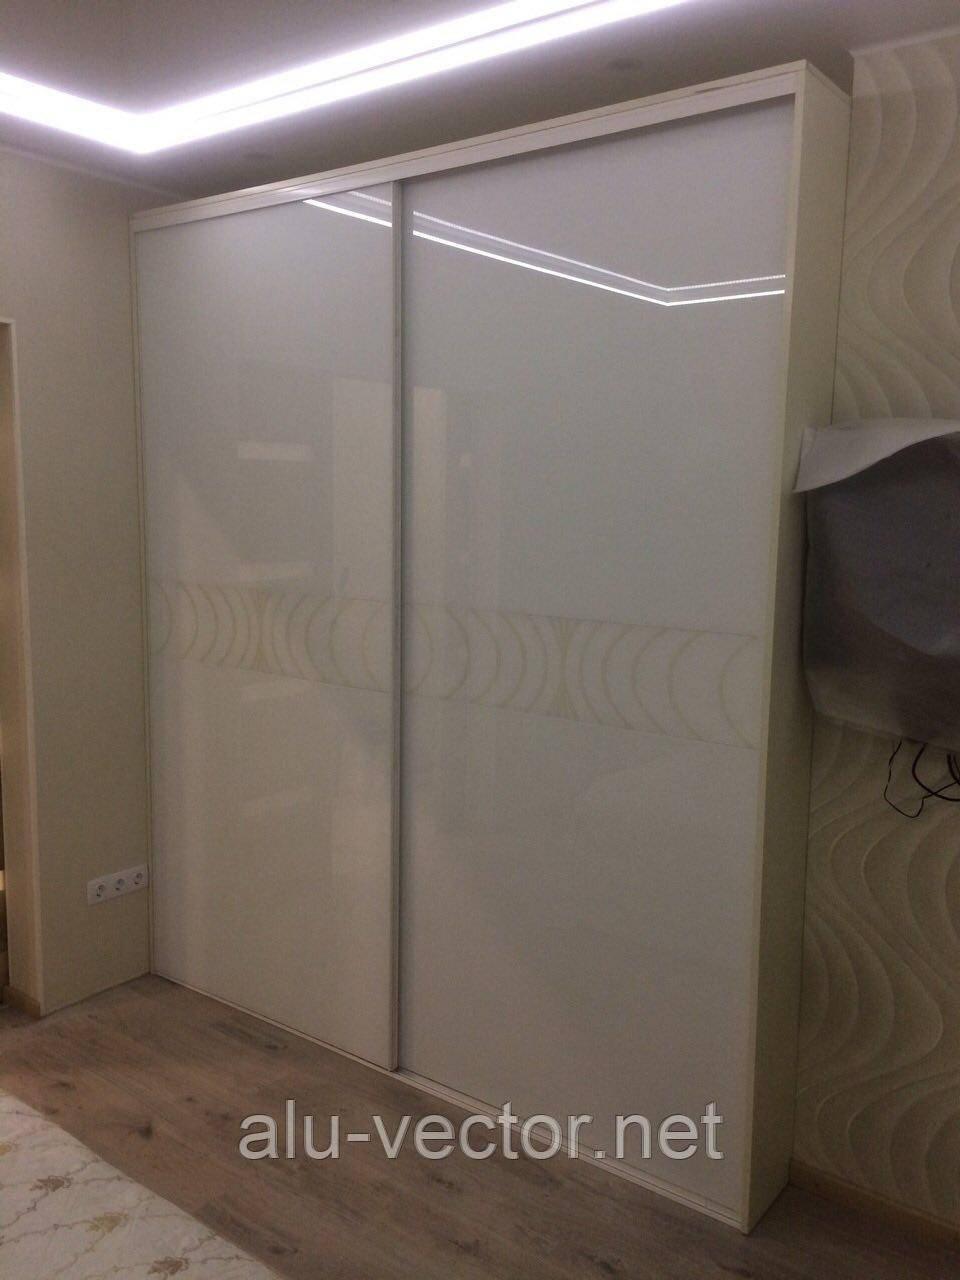 Белые двери с декоративной вставкой крашенного стекла